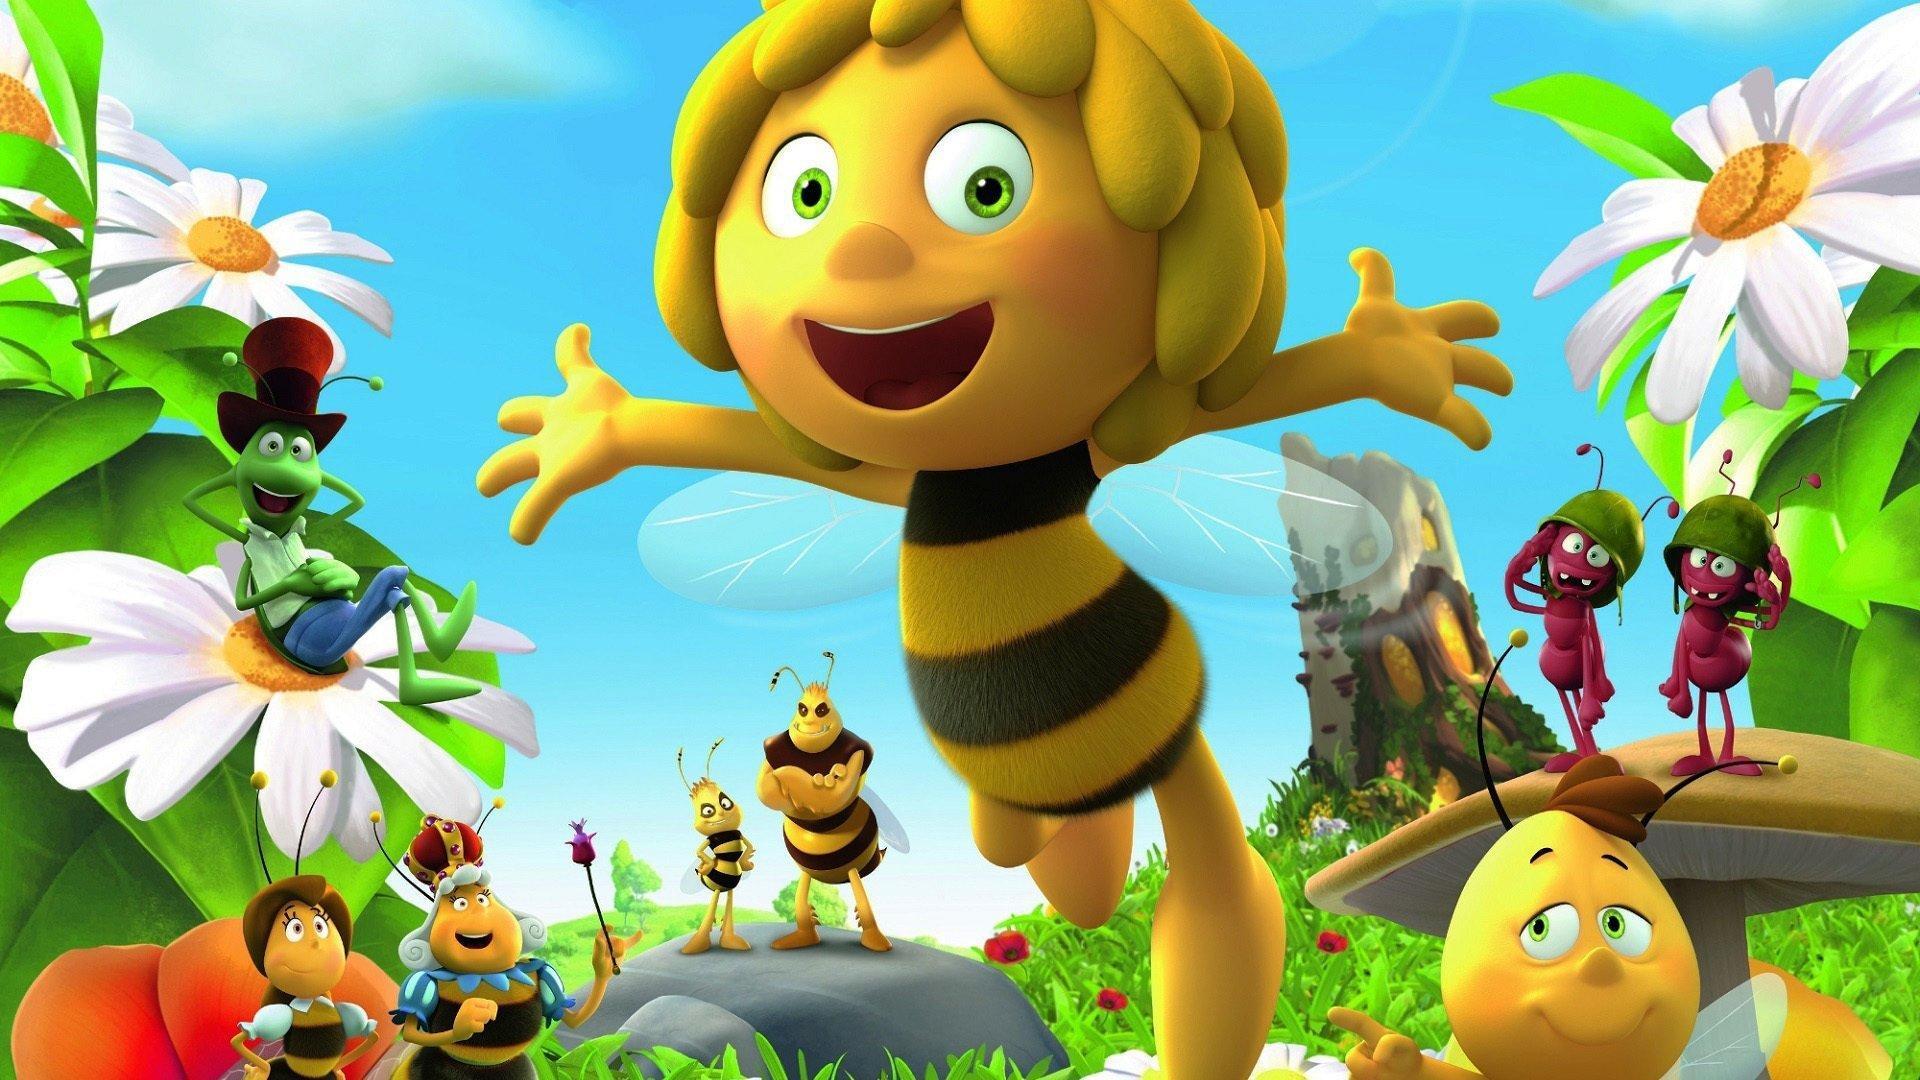 сняли смотреть картинки супер пчелка воркаут обои